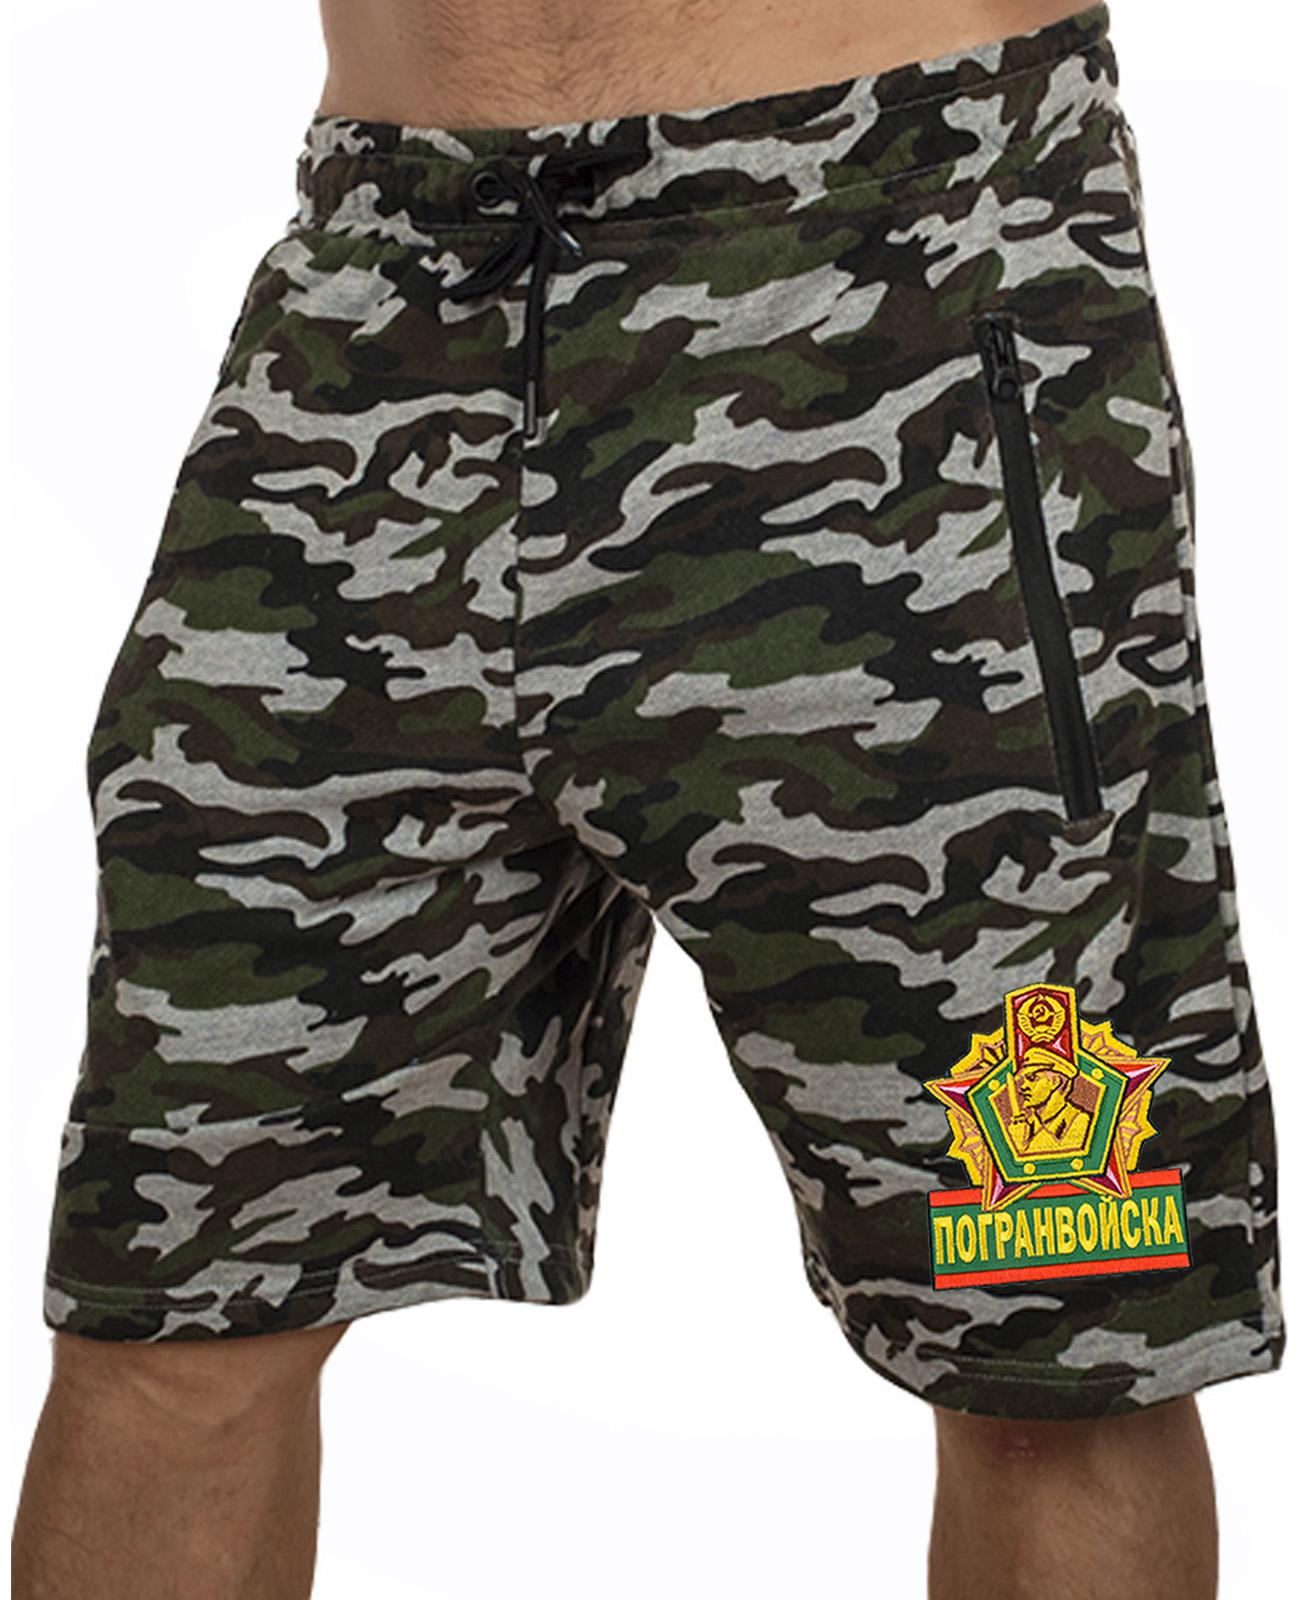 Купить армейские милитари шорты с нашивкой Погранвойска в подарок мужчине